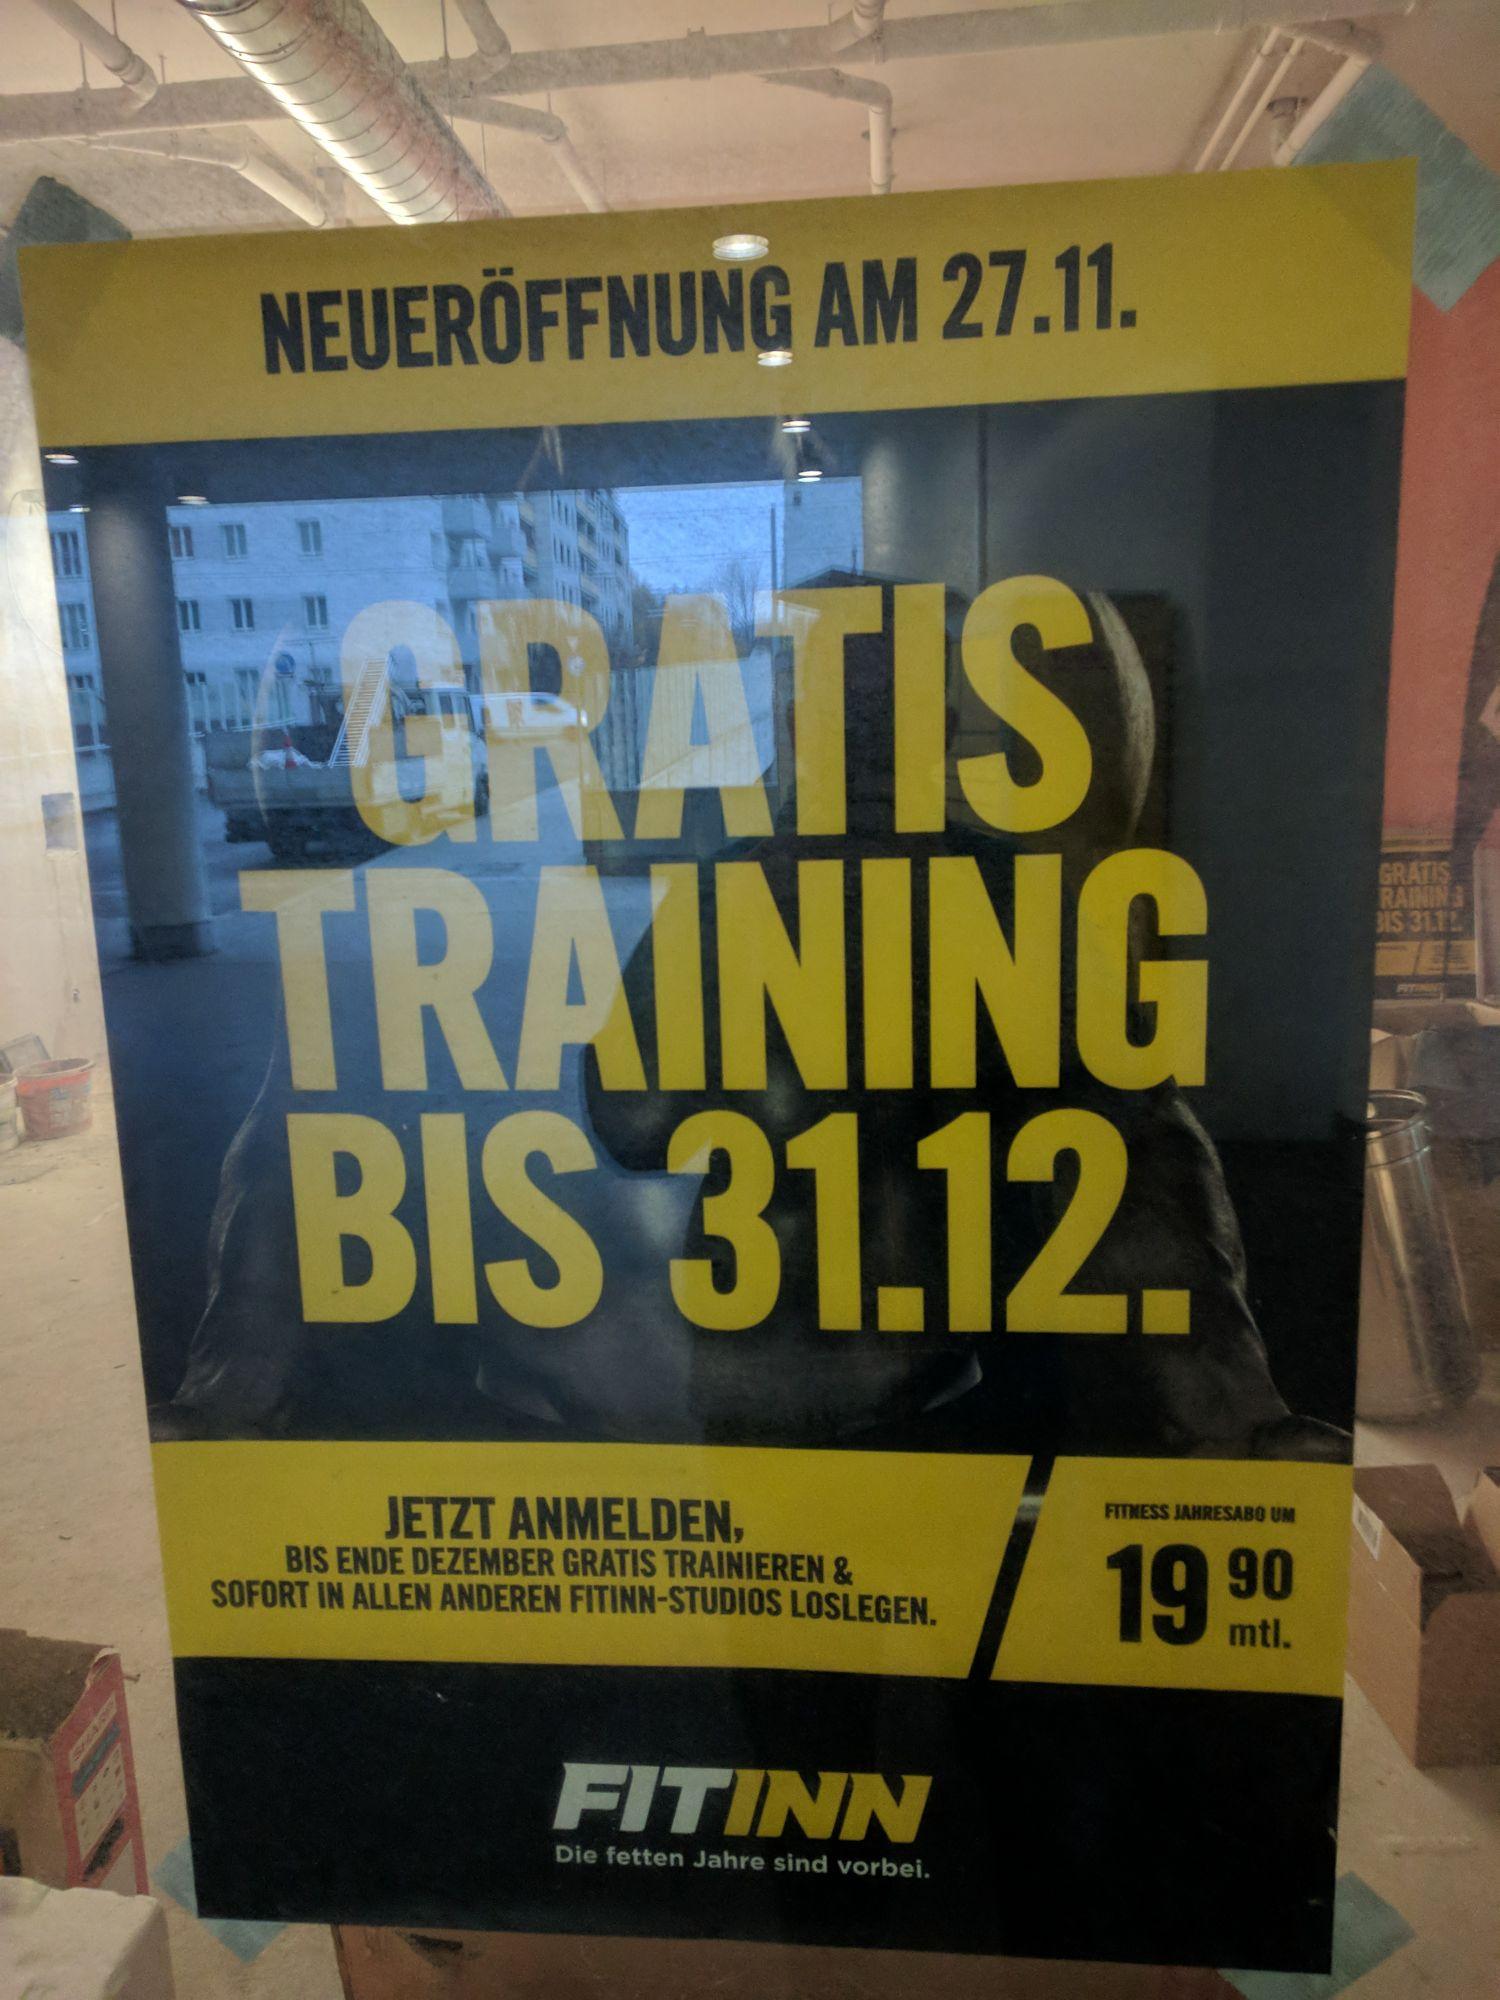 [Lokal] Gratis trainieren im Fitinn bis 31.12 und neu ab 27.11 in Ottakring